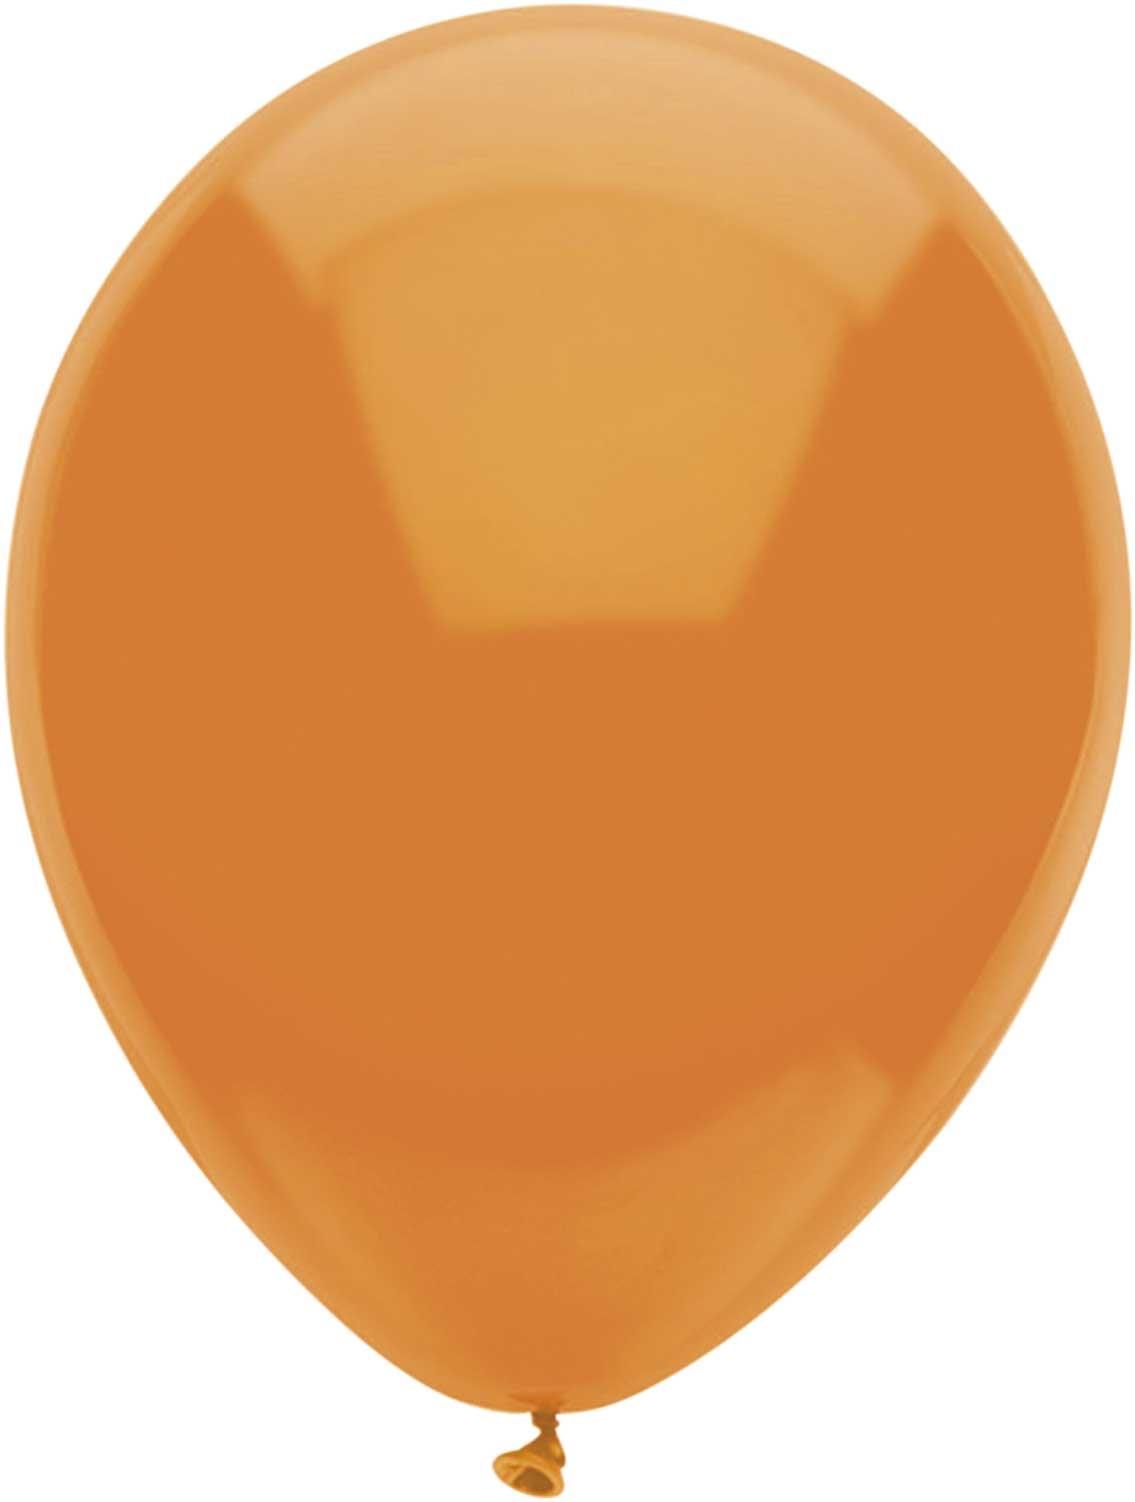 Ballonnen oranje 100 stuksØ25cm